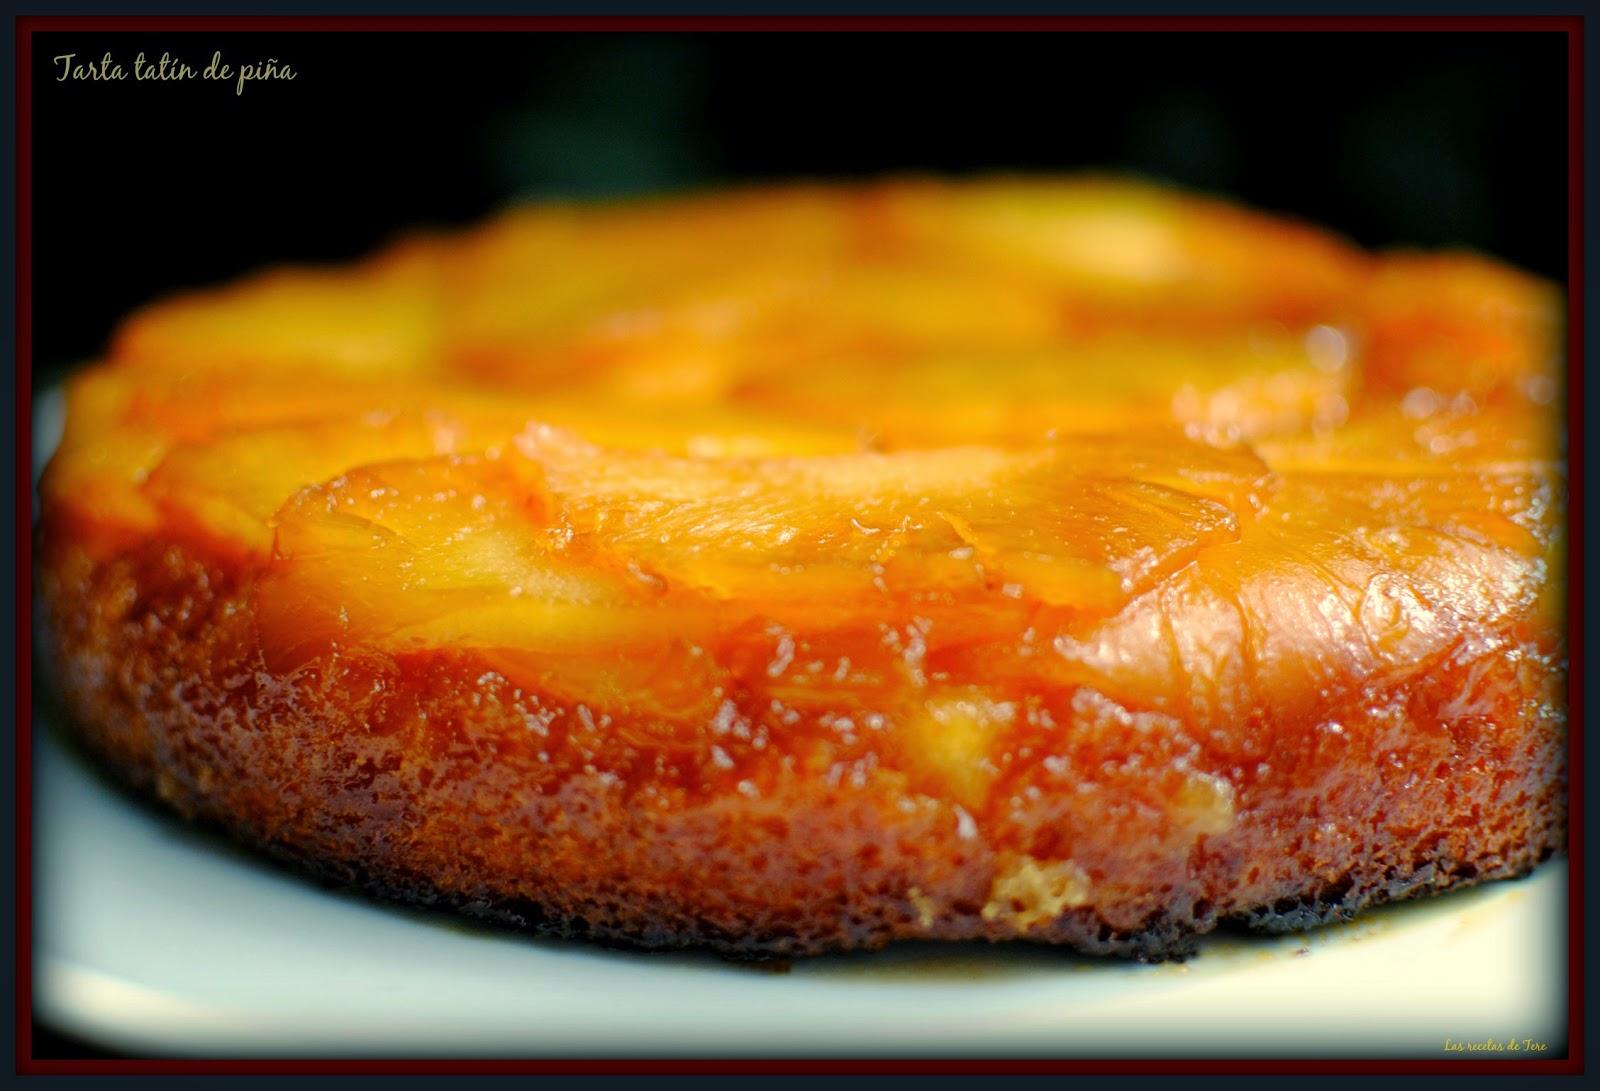 tarta tatín de piña tererecetas 03